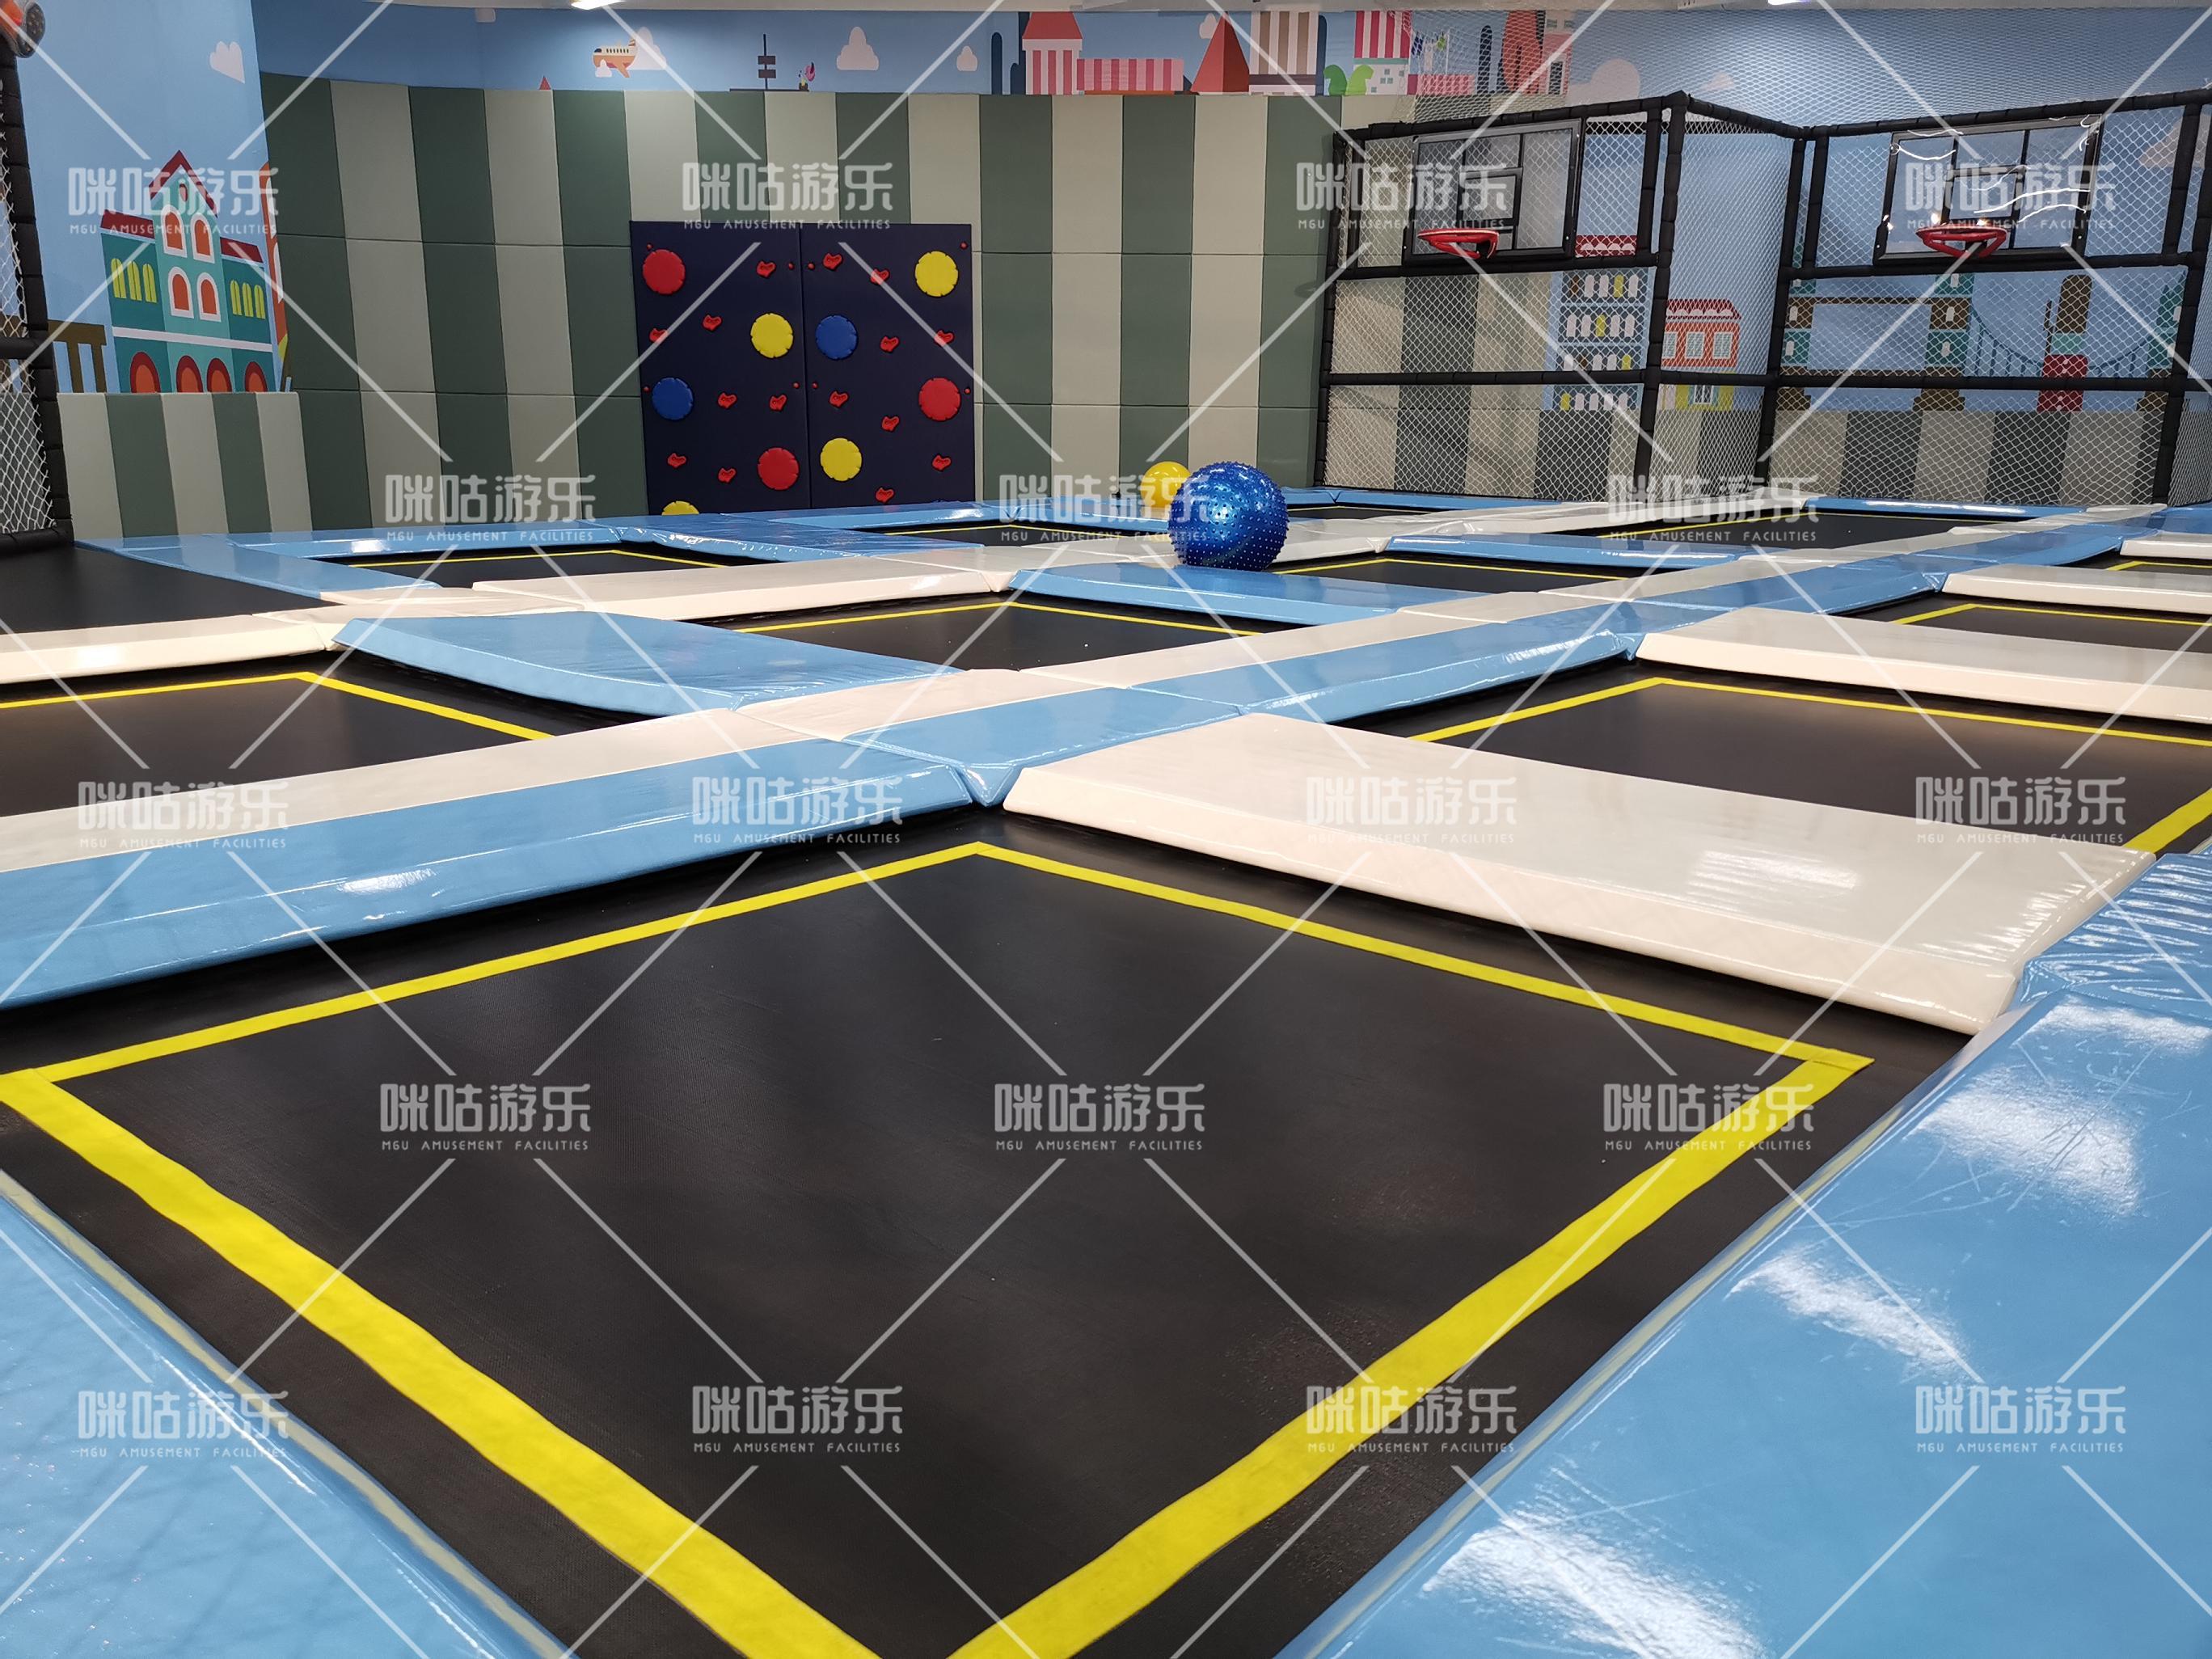 微信图片_20200429160007.jpg 在乡镇上开个室内儿童游乐场需要多少钱? 加盟资讯 游乐设备第3张